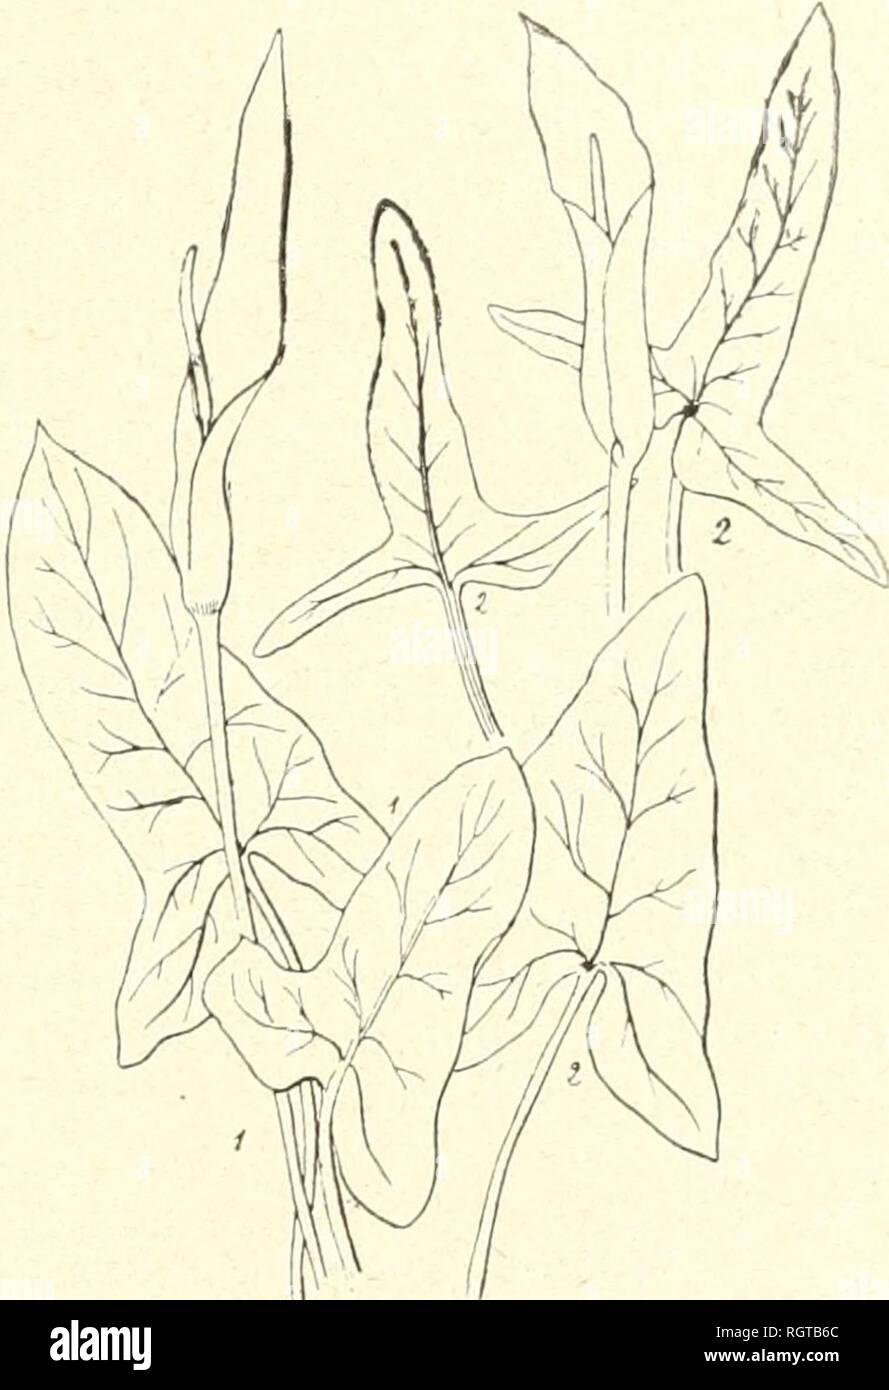 . Bulletin de la Socit botanique de Genve. Plants; Plants -- Switzerland. intense purpureo-marginata. Spadix spatbà lertia parte brevior, temnter fusiformis pa^ne cylindrica, api- cem versus baud incrassata, nd)ella aut atropurpurca. Synonymie : A. rupicola Boiss., dans Schott, Engler et autres, pour autant que les sta- tions indiquées sont de Syrie ; pourtaid la description s'appli- que plutcM à r.4. elongatum, connu aussi de cette région; A. loïKjicirrhum Schott, Syn. .r., p. 14(1850). A» (jratum Schott, Syn. Ar., p. ll,e. p.! A. iticomplinti Schotl, Her- biers, e. p. ! Figures : Icon.  - Stock Image